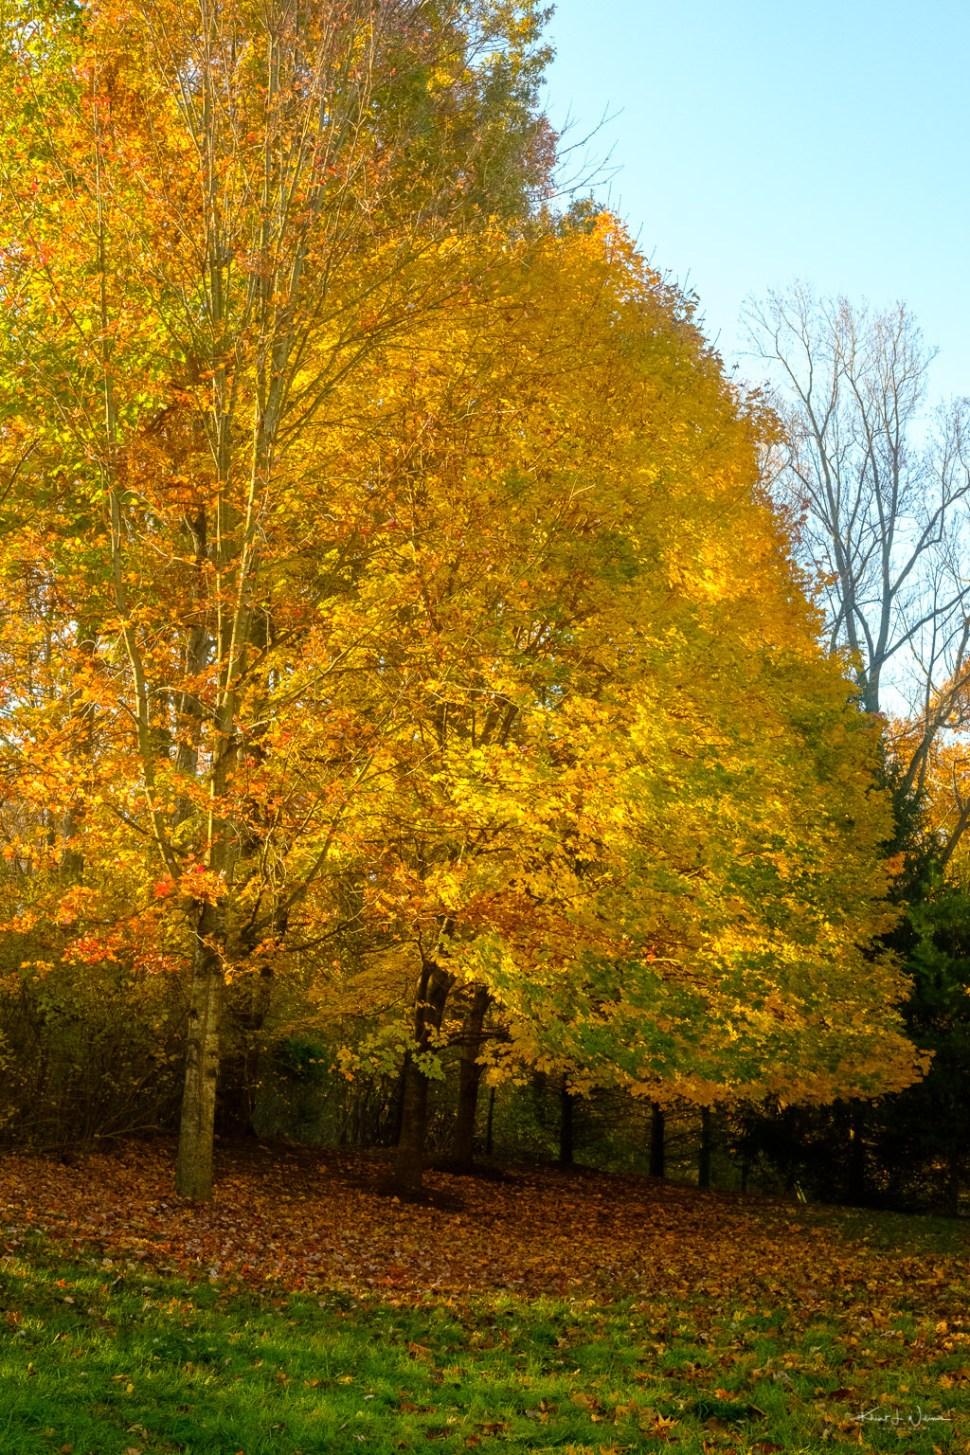 Tree in fall splendour